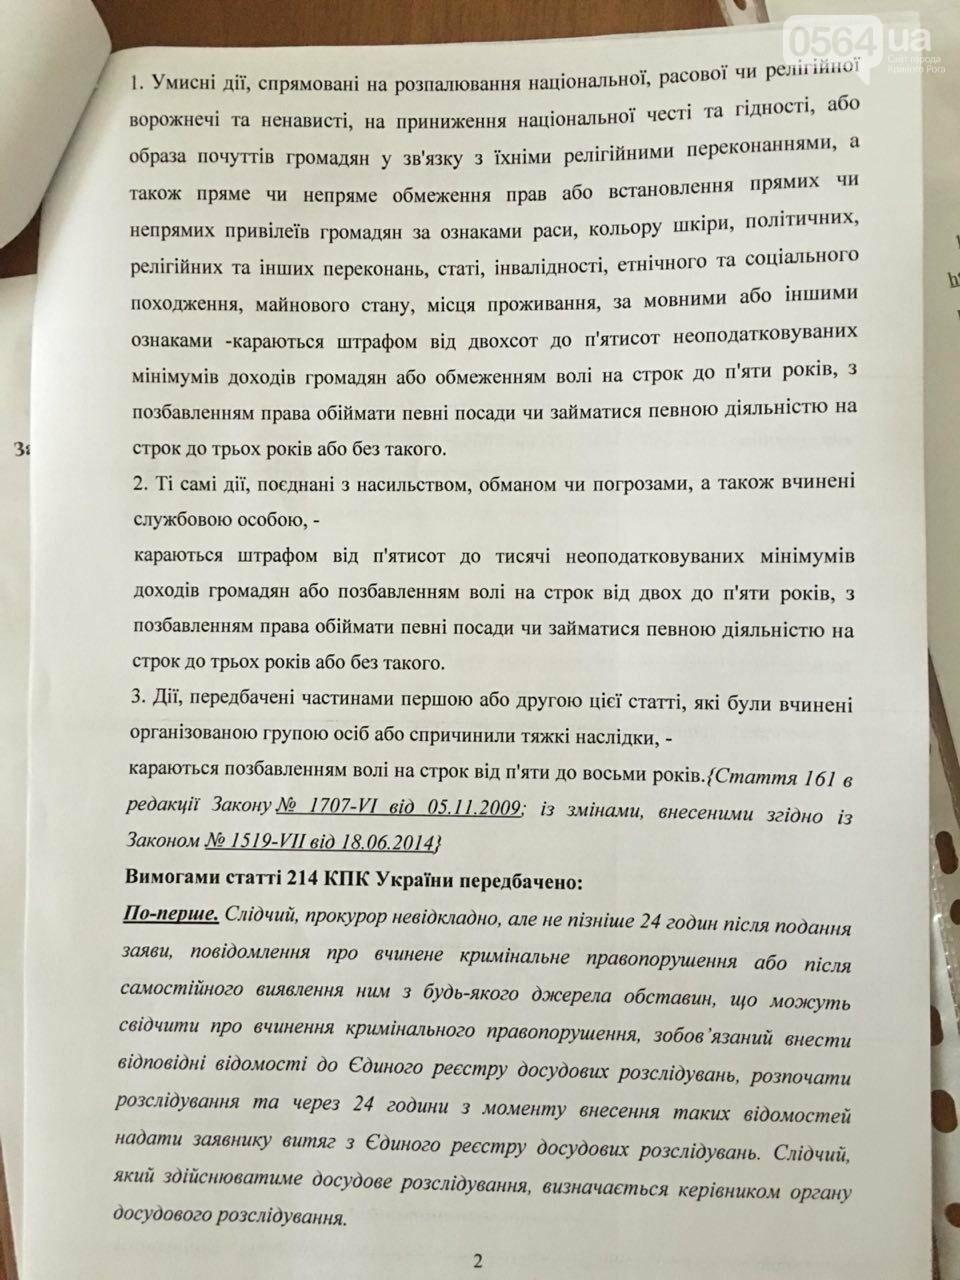 Криворожане передали в СБУ заявление с требованием проверить организации, которые возглавлял Островский, - ФОТО, фото-5